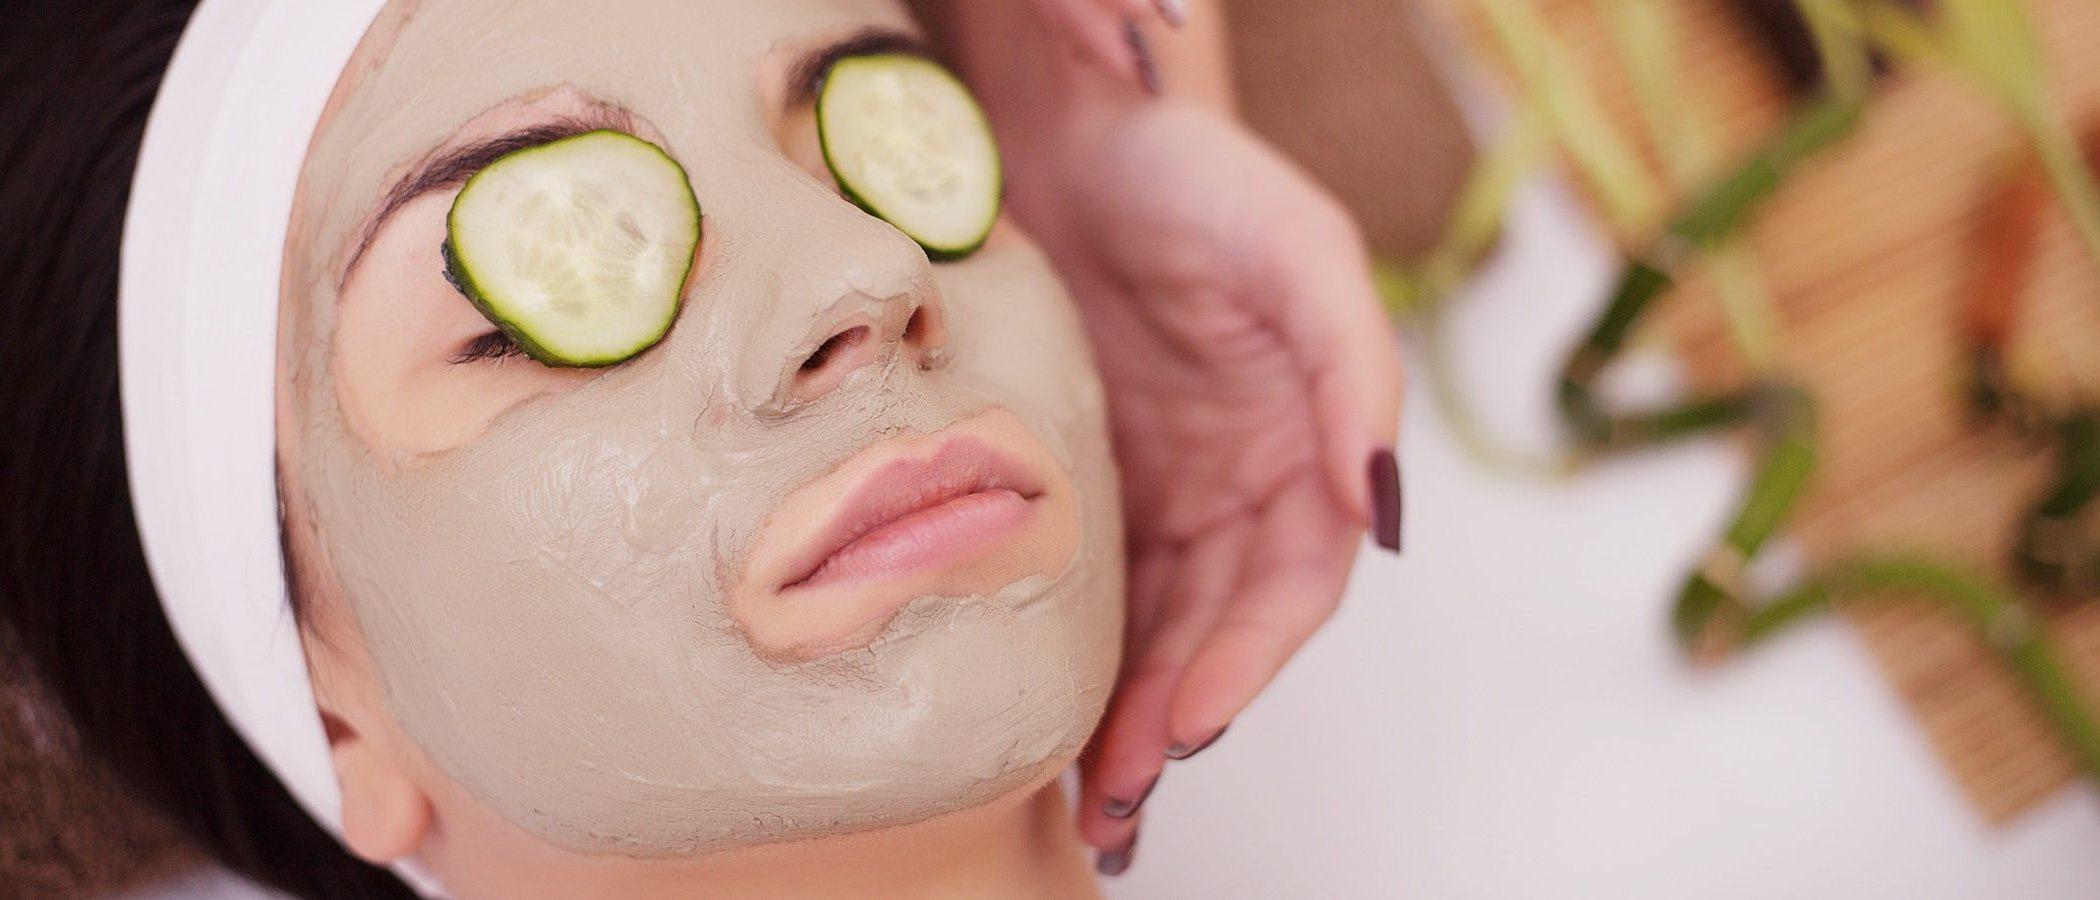 cada cuanto hay que hacerse limpieza facial